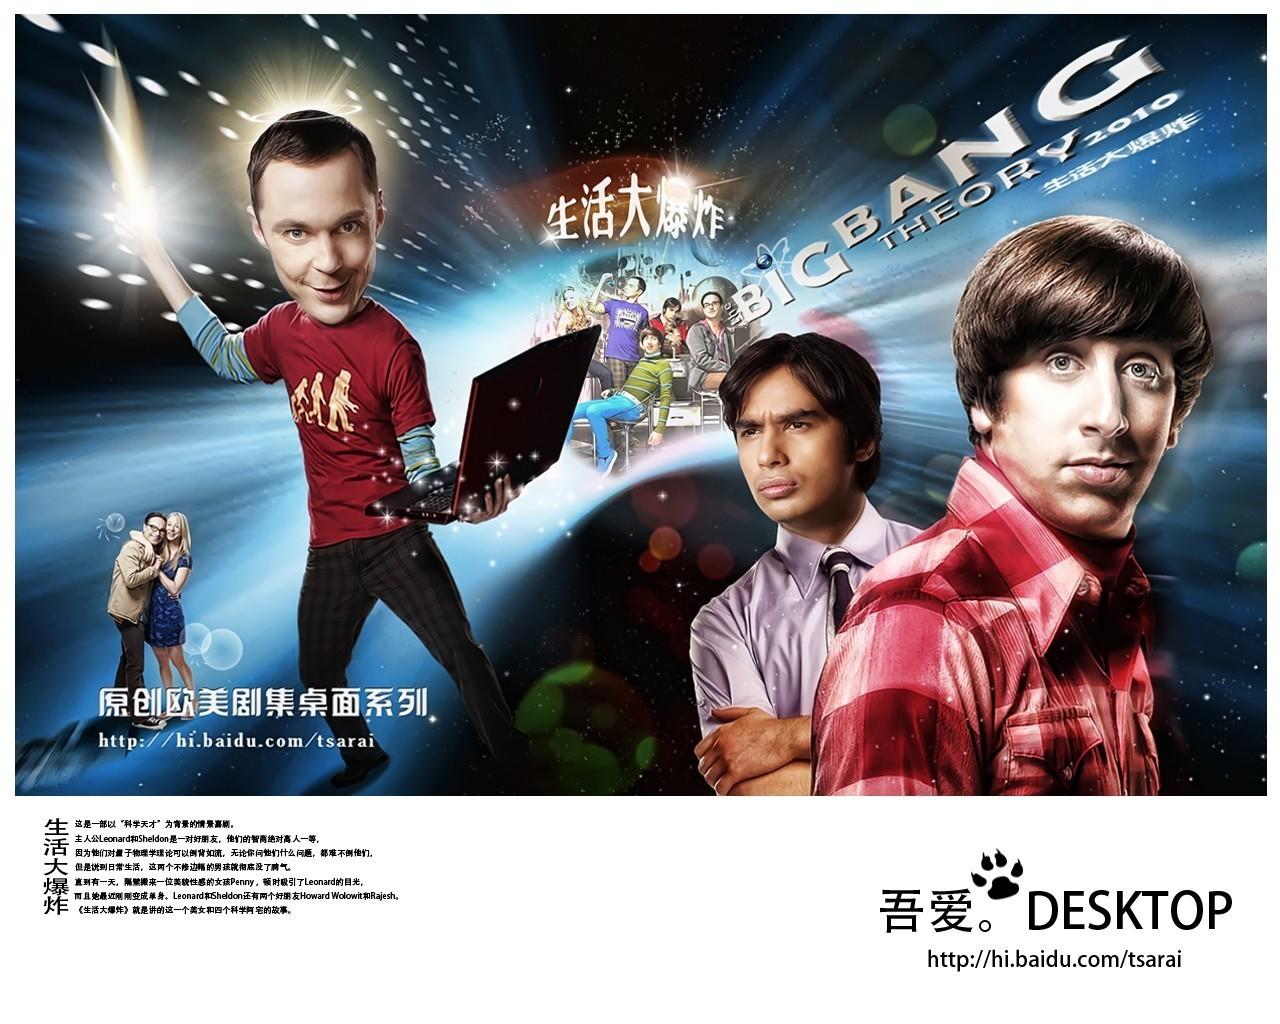 The big bang theory 生活大爆炸 the big bang theory